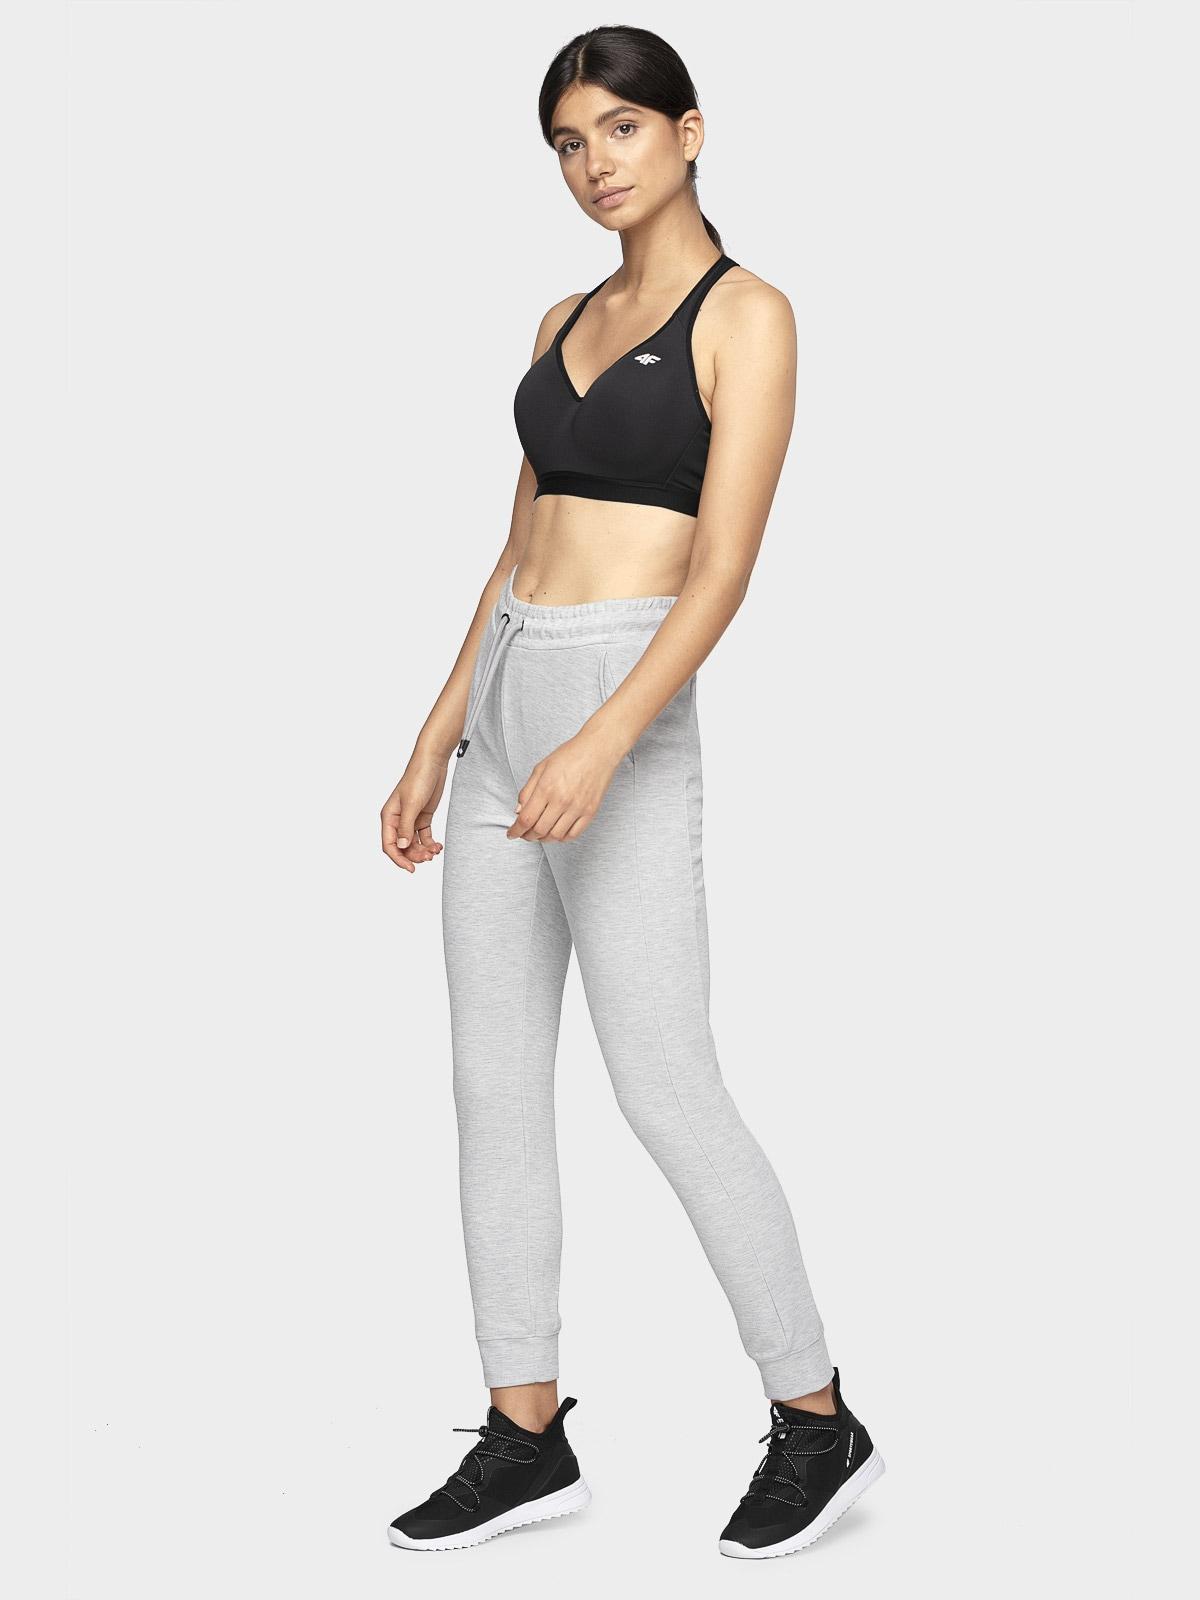 Spodnie dresowe damskie SPDD401 - chłodny jasny szary melanż